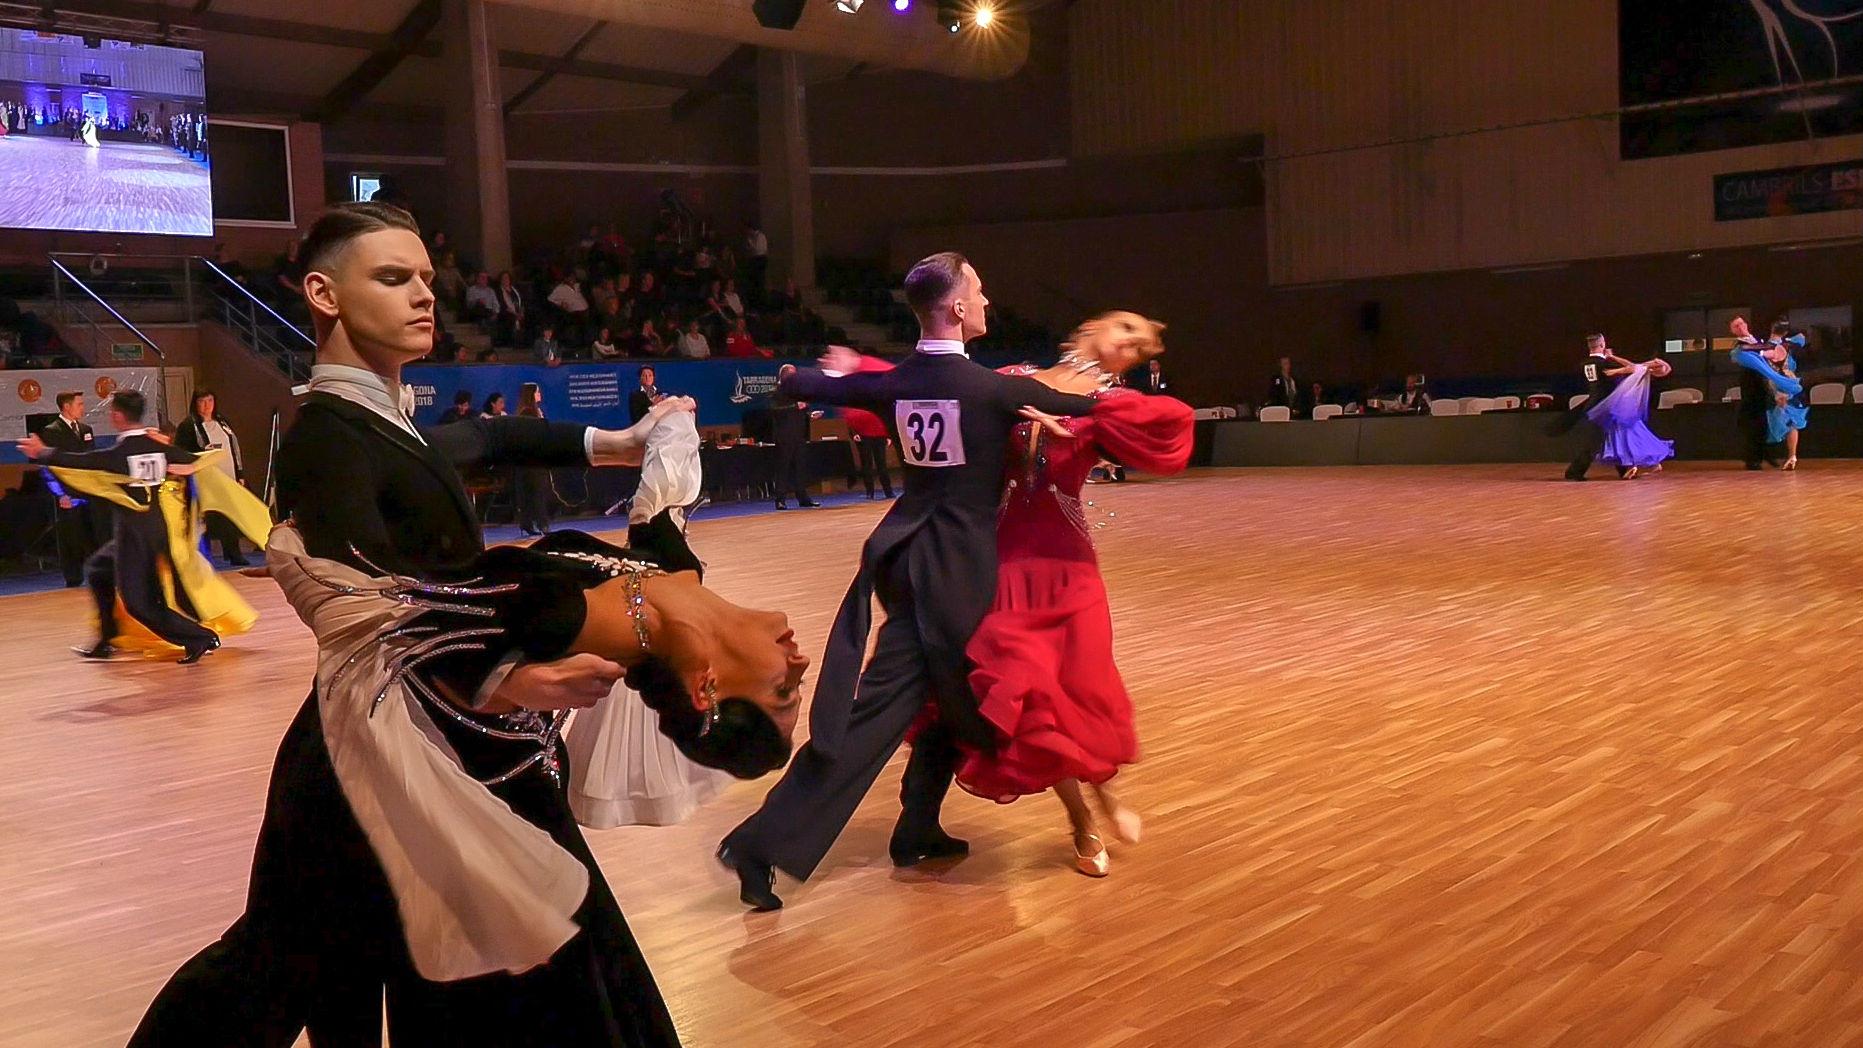 II Ibérica DanceSport. Cambrils. 20 y 21 de abril de 2019